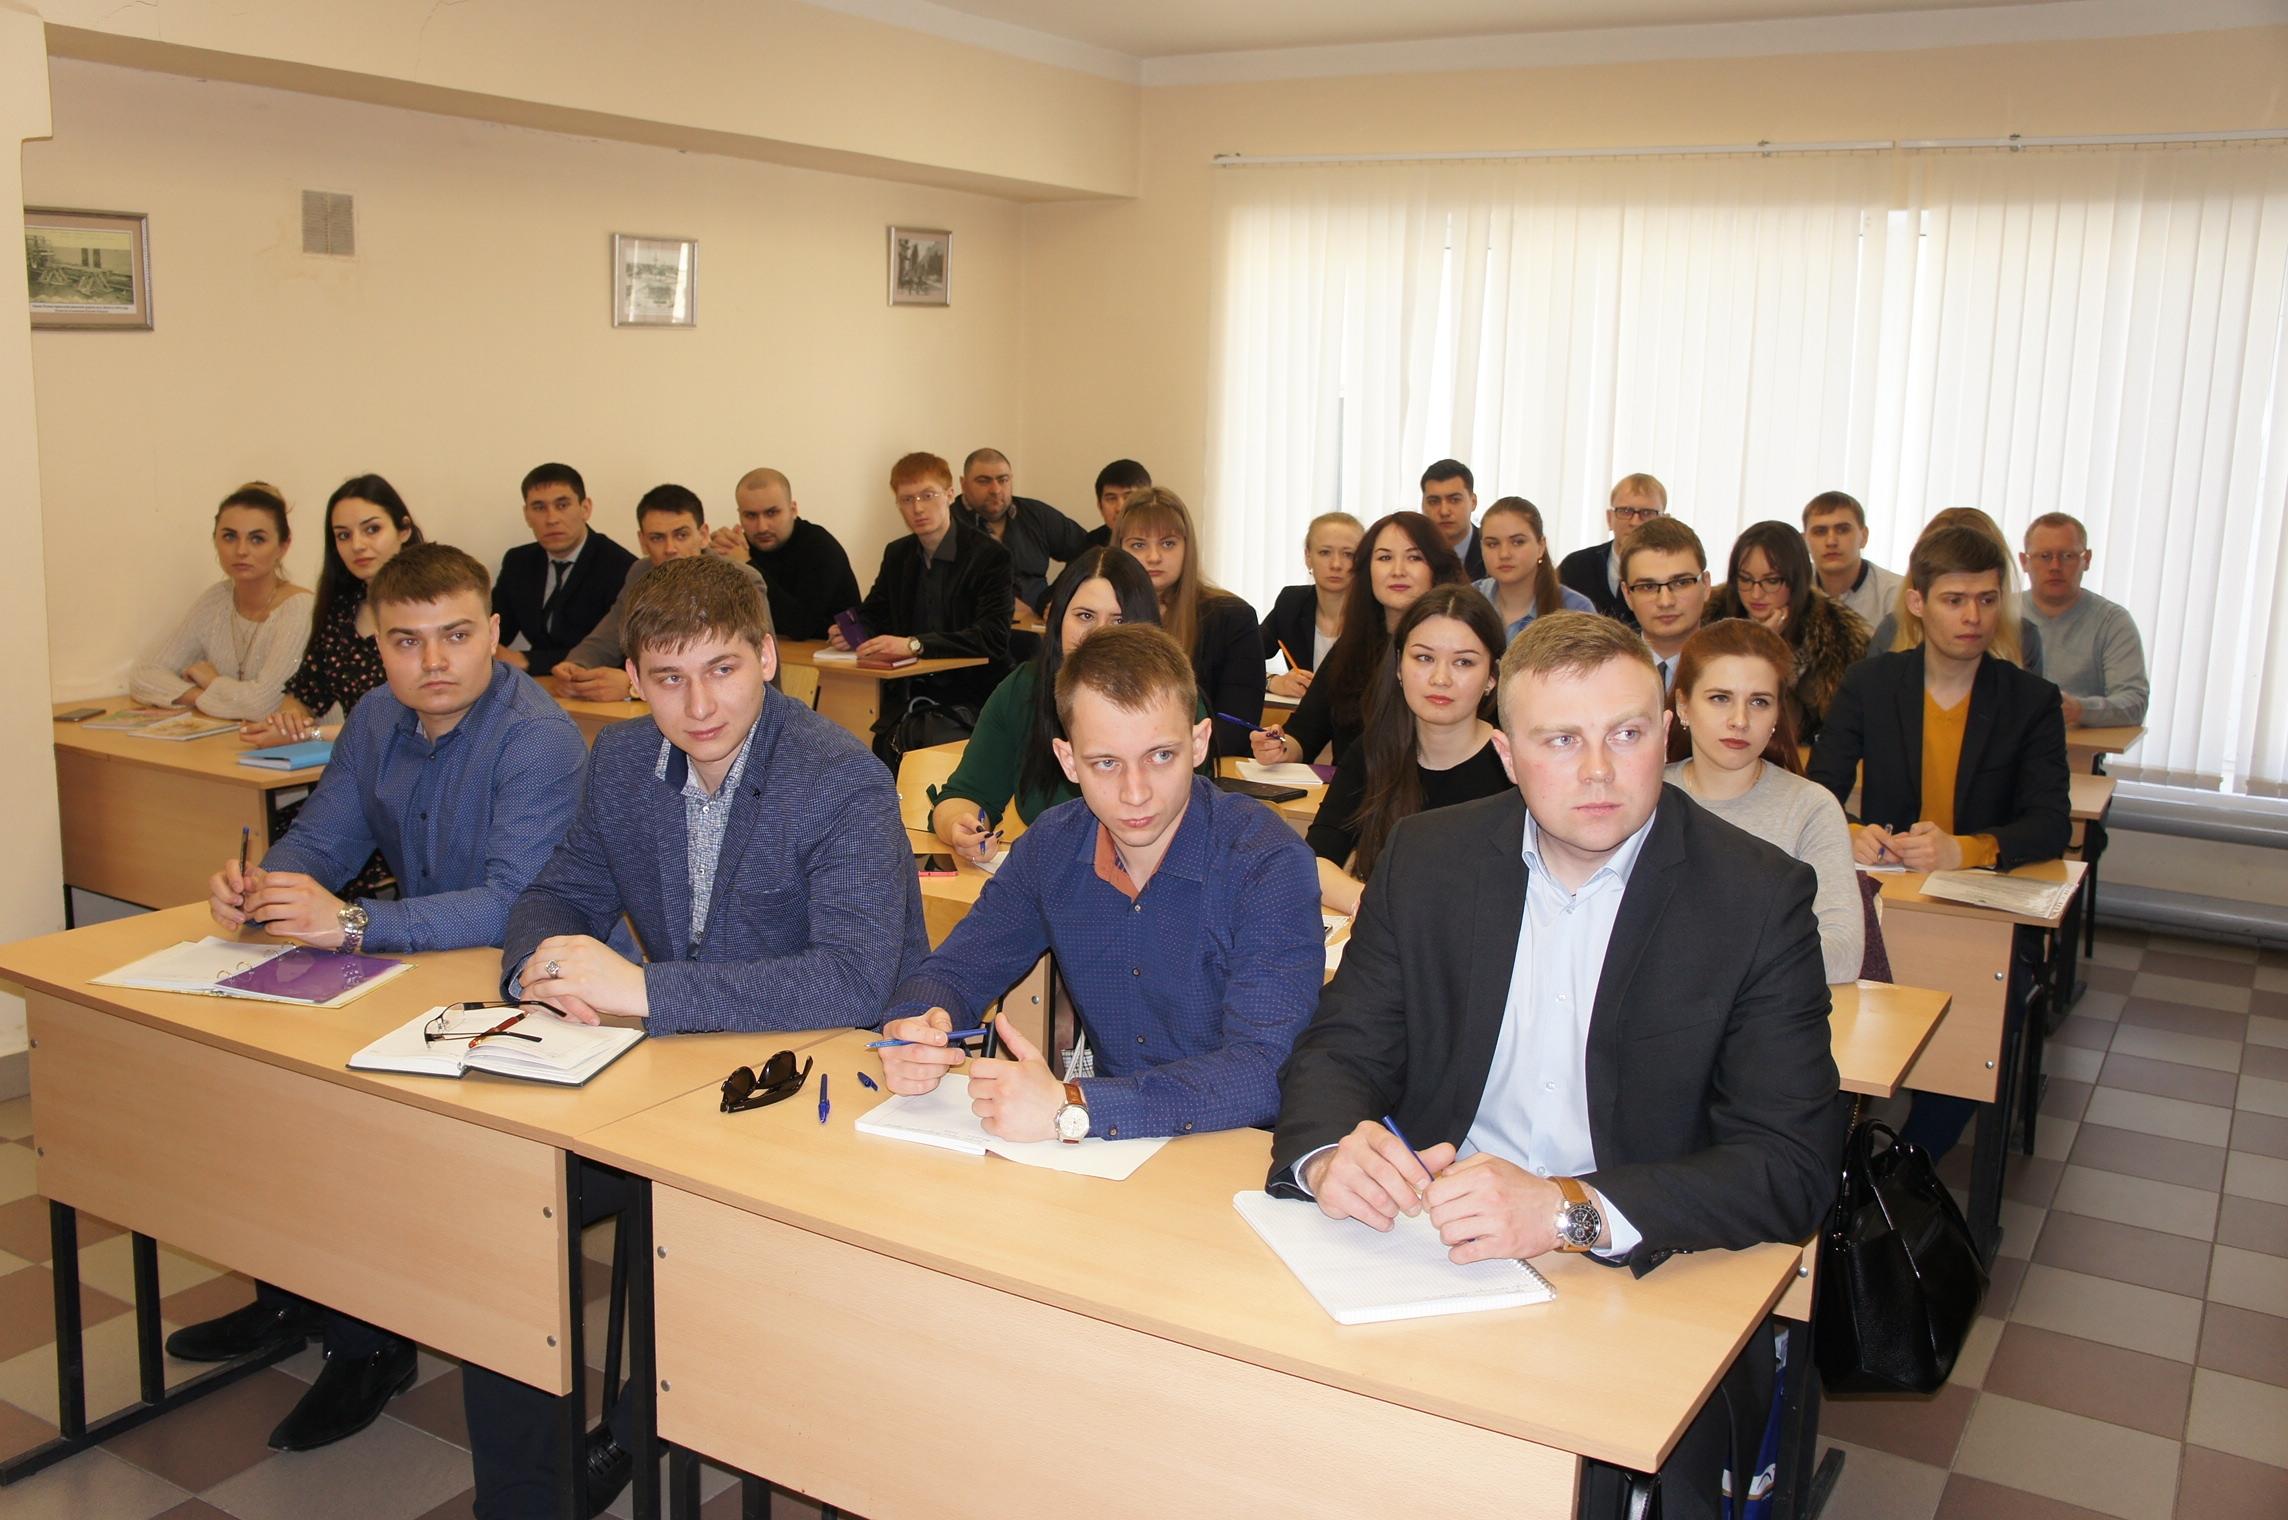 Гуманитарная академия переподготовки работников социальной сферы